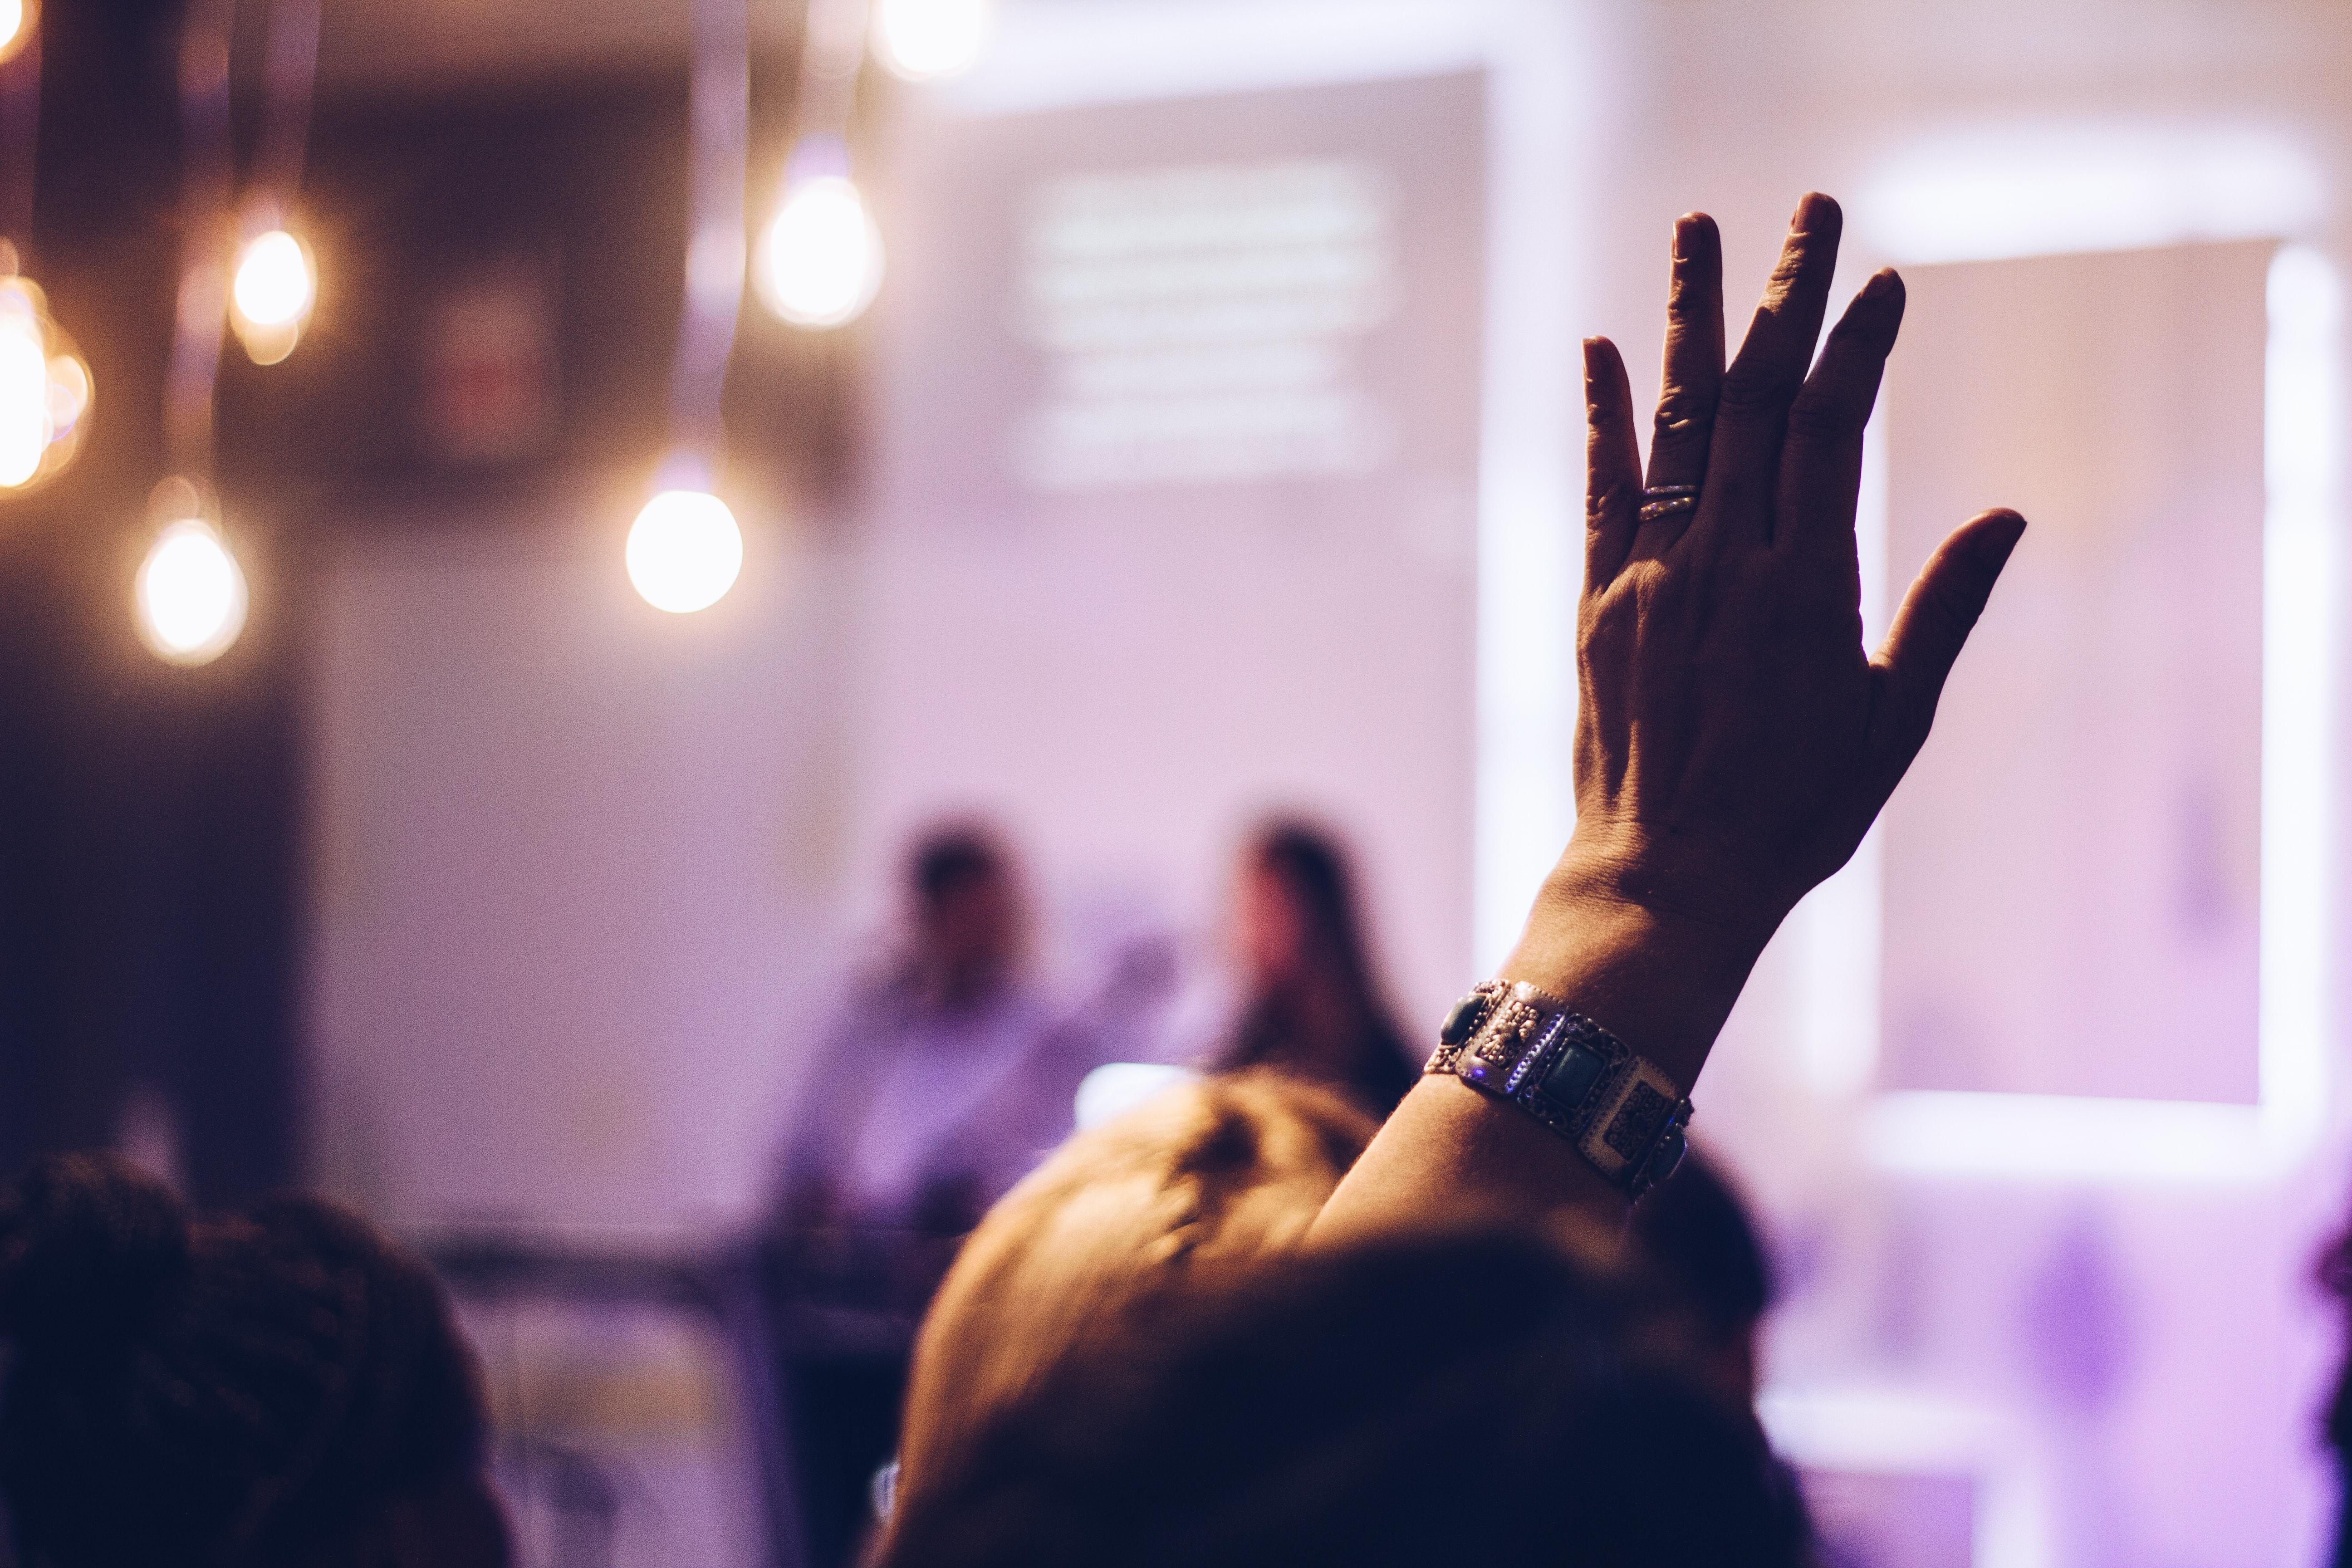 Foto von Mensch, der seine Hand zur Frage erhoben hat